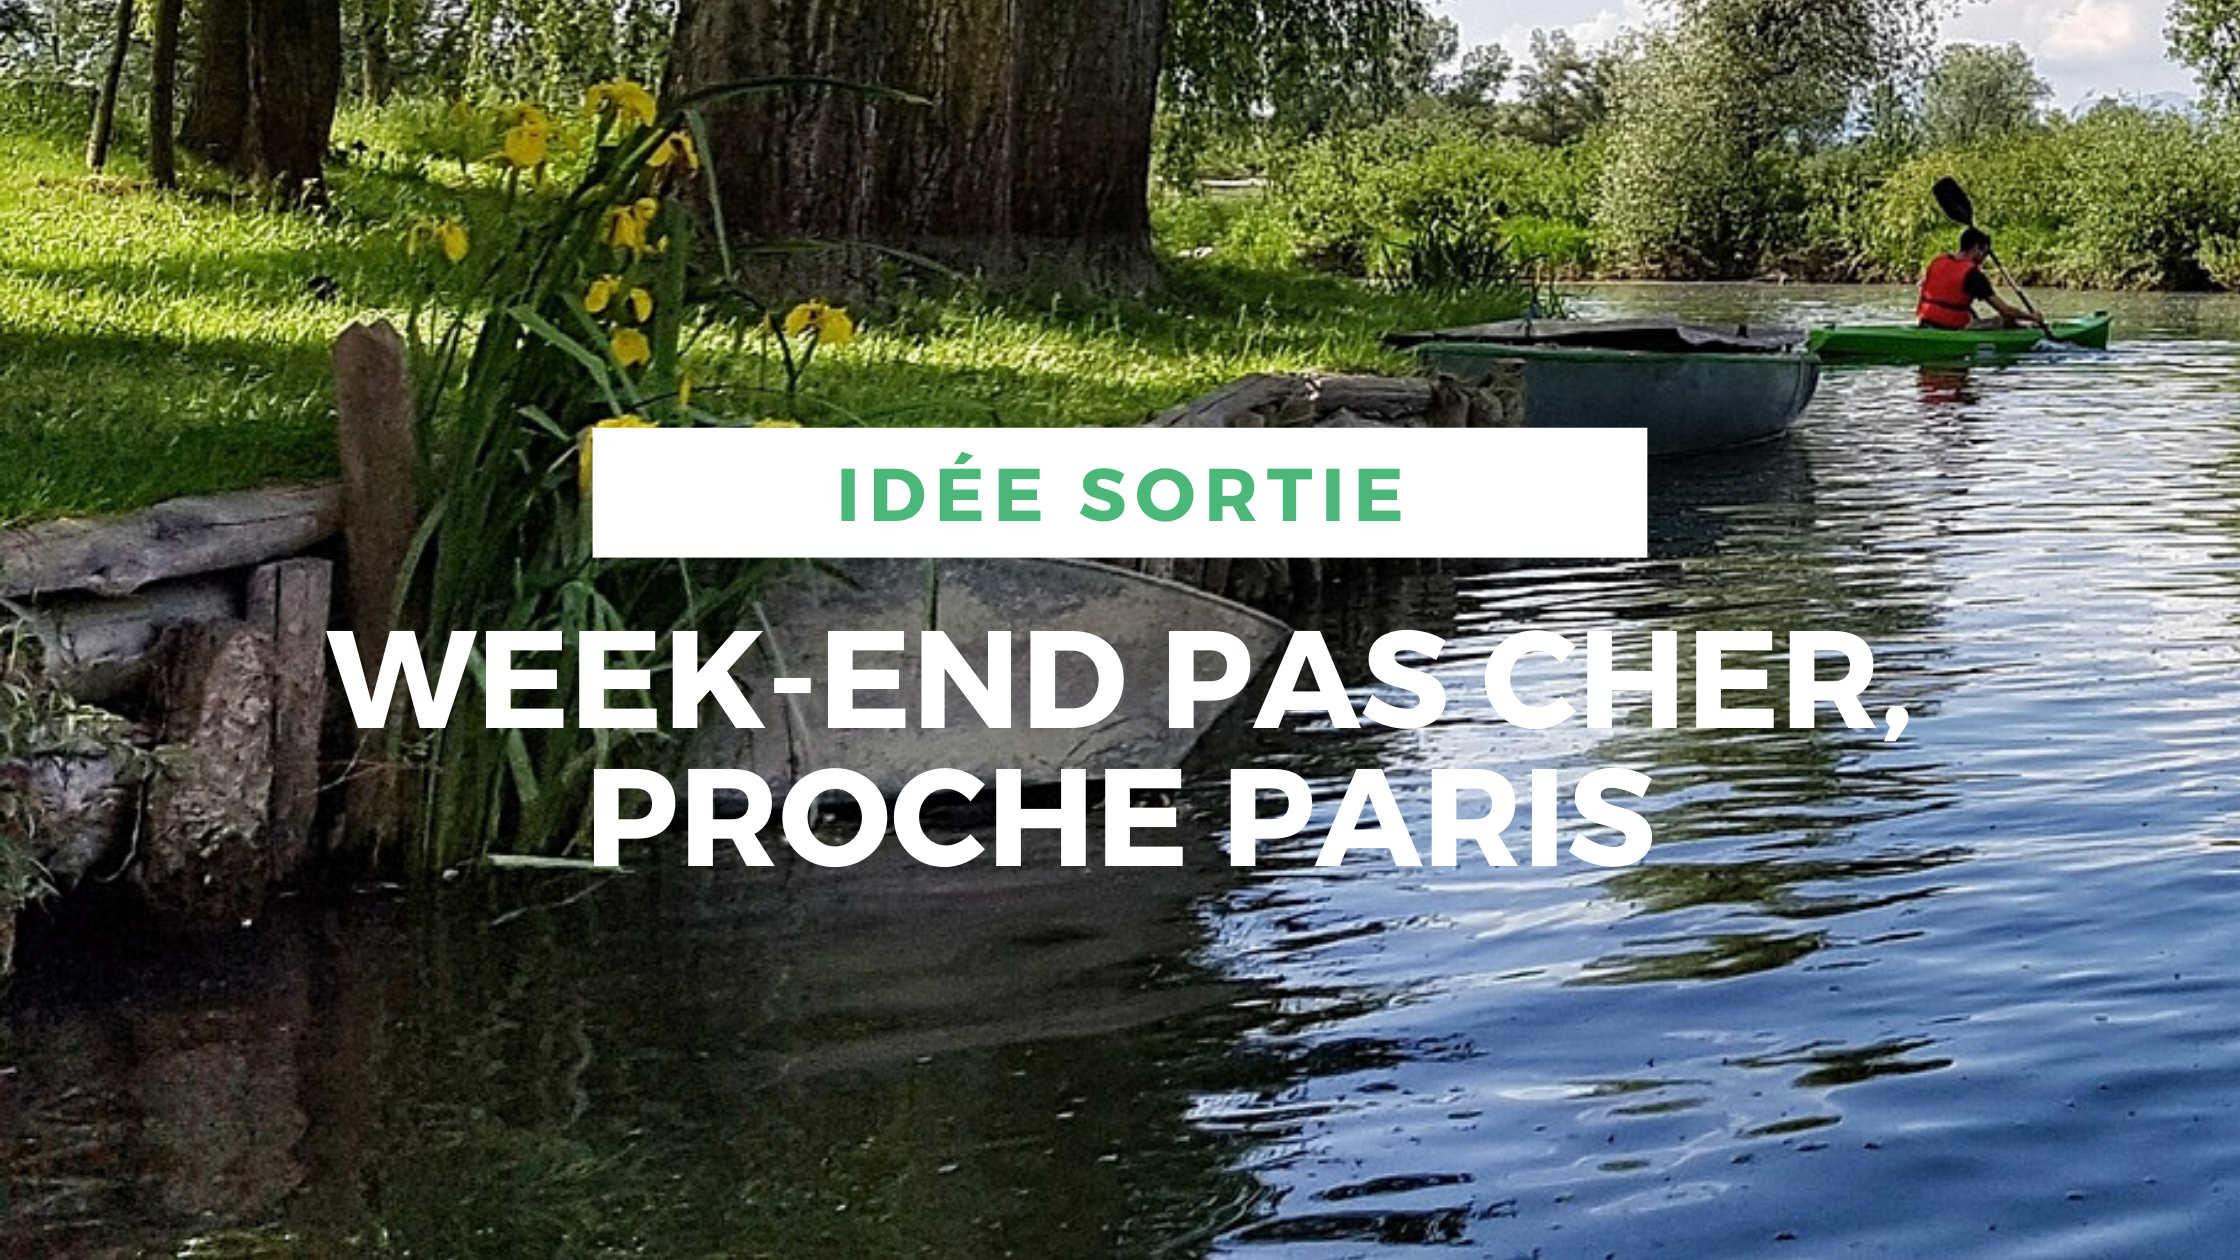 article-week-end-pas-cher-proche-paris-locadventure